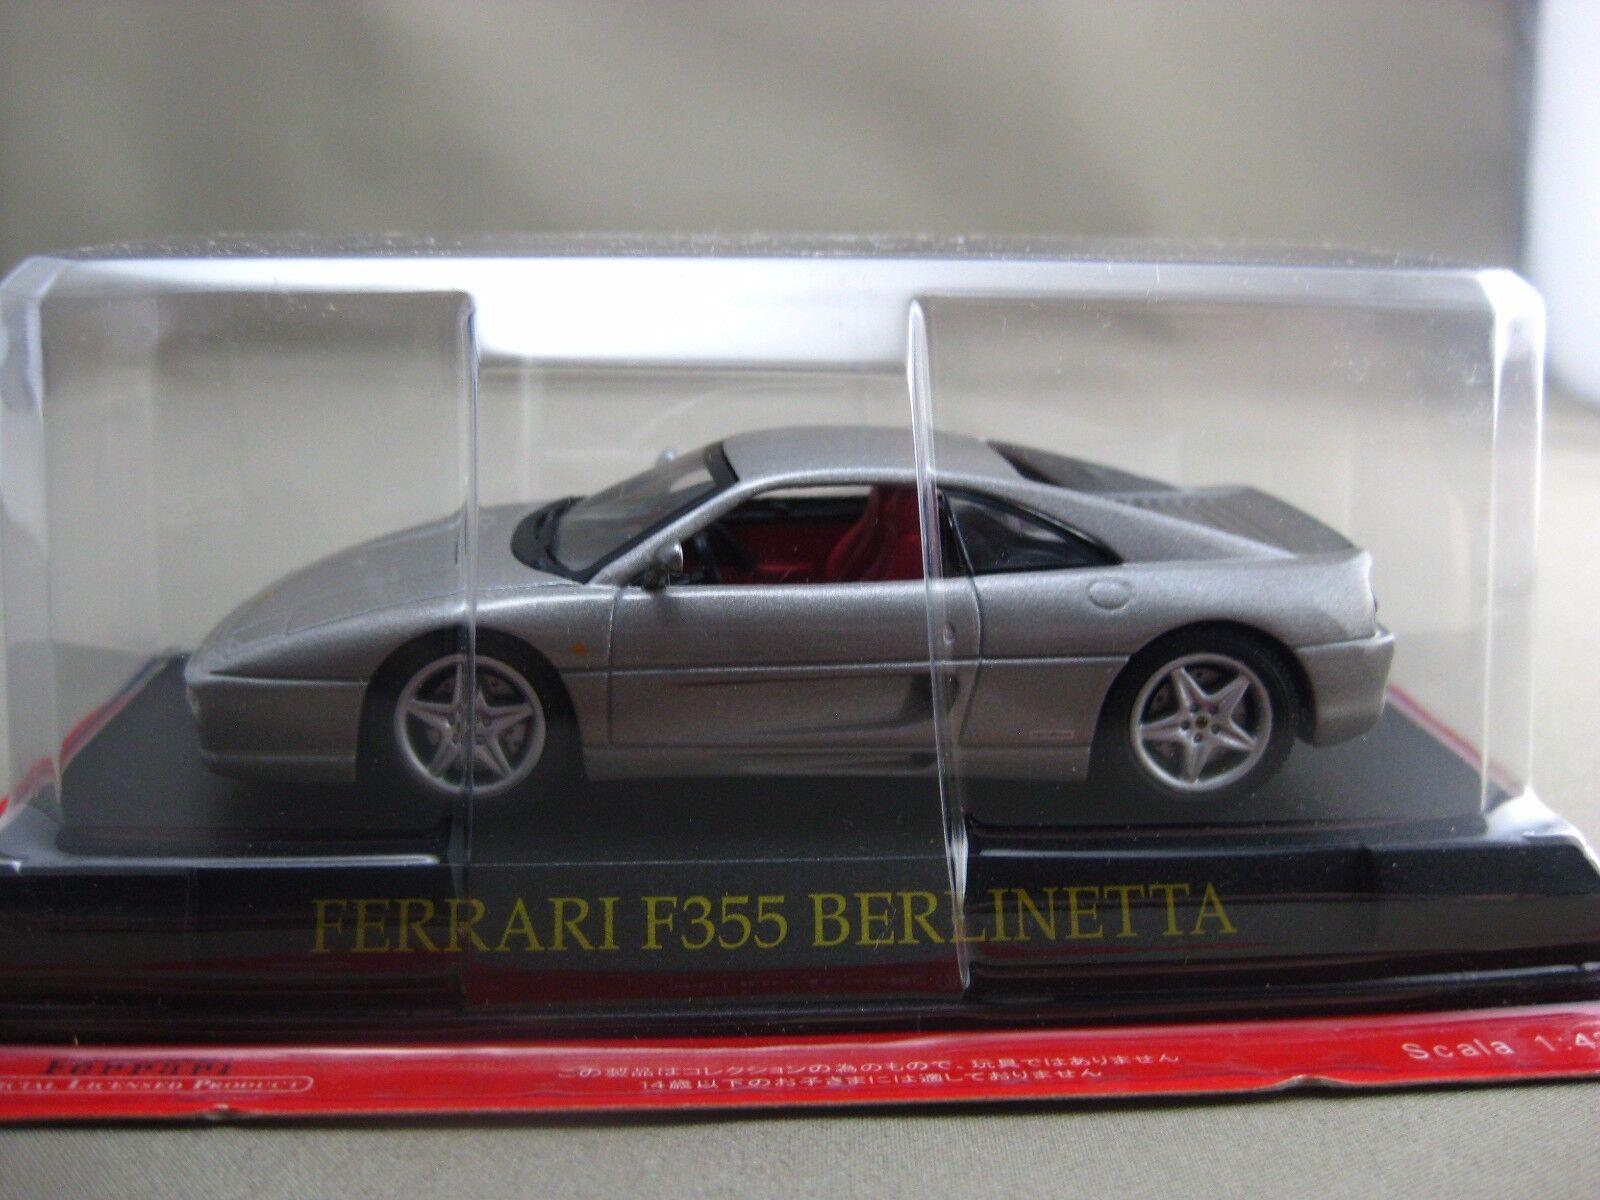 tienda hace compras y ventas Ferrari F 355 355 355 Berlinetta Hachette 1 43 Diecast Coche Vol.25  mejor calidad